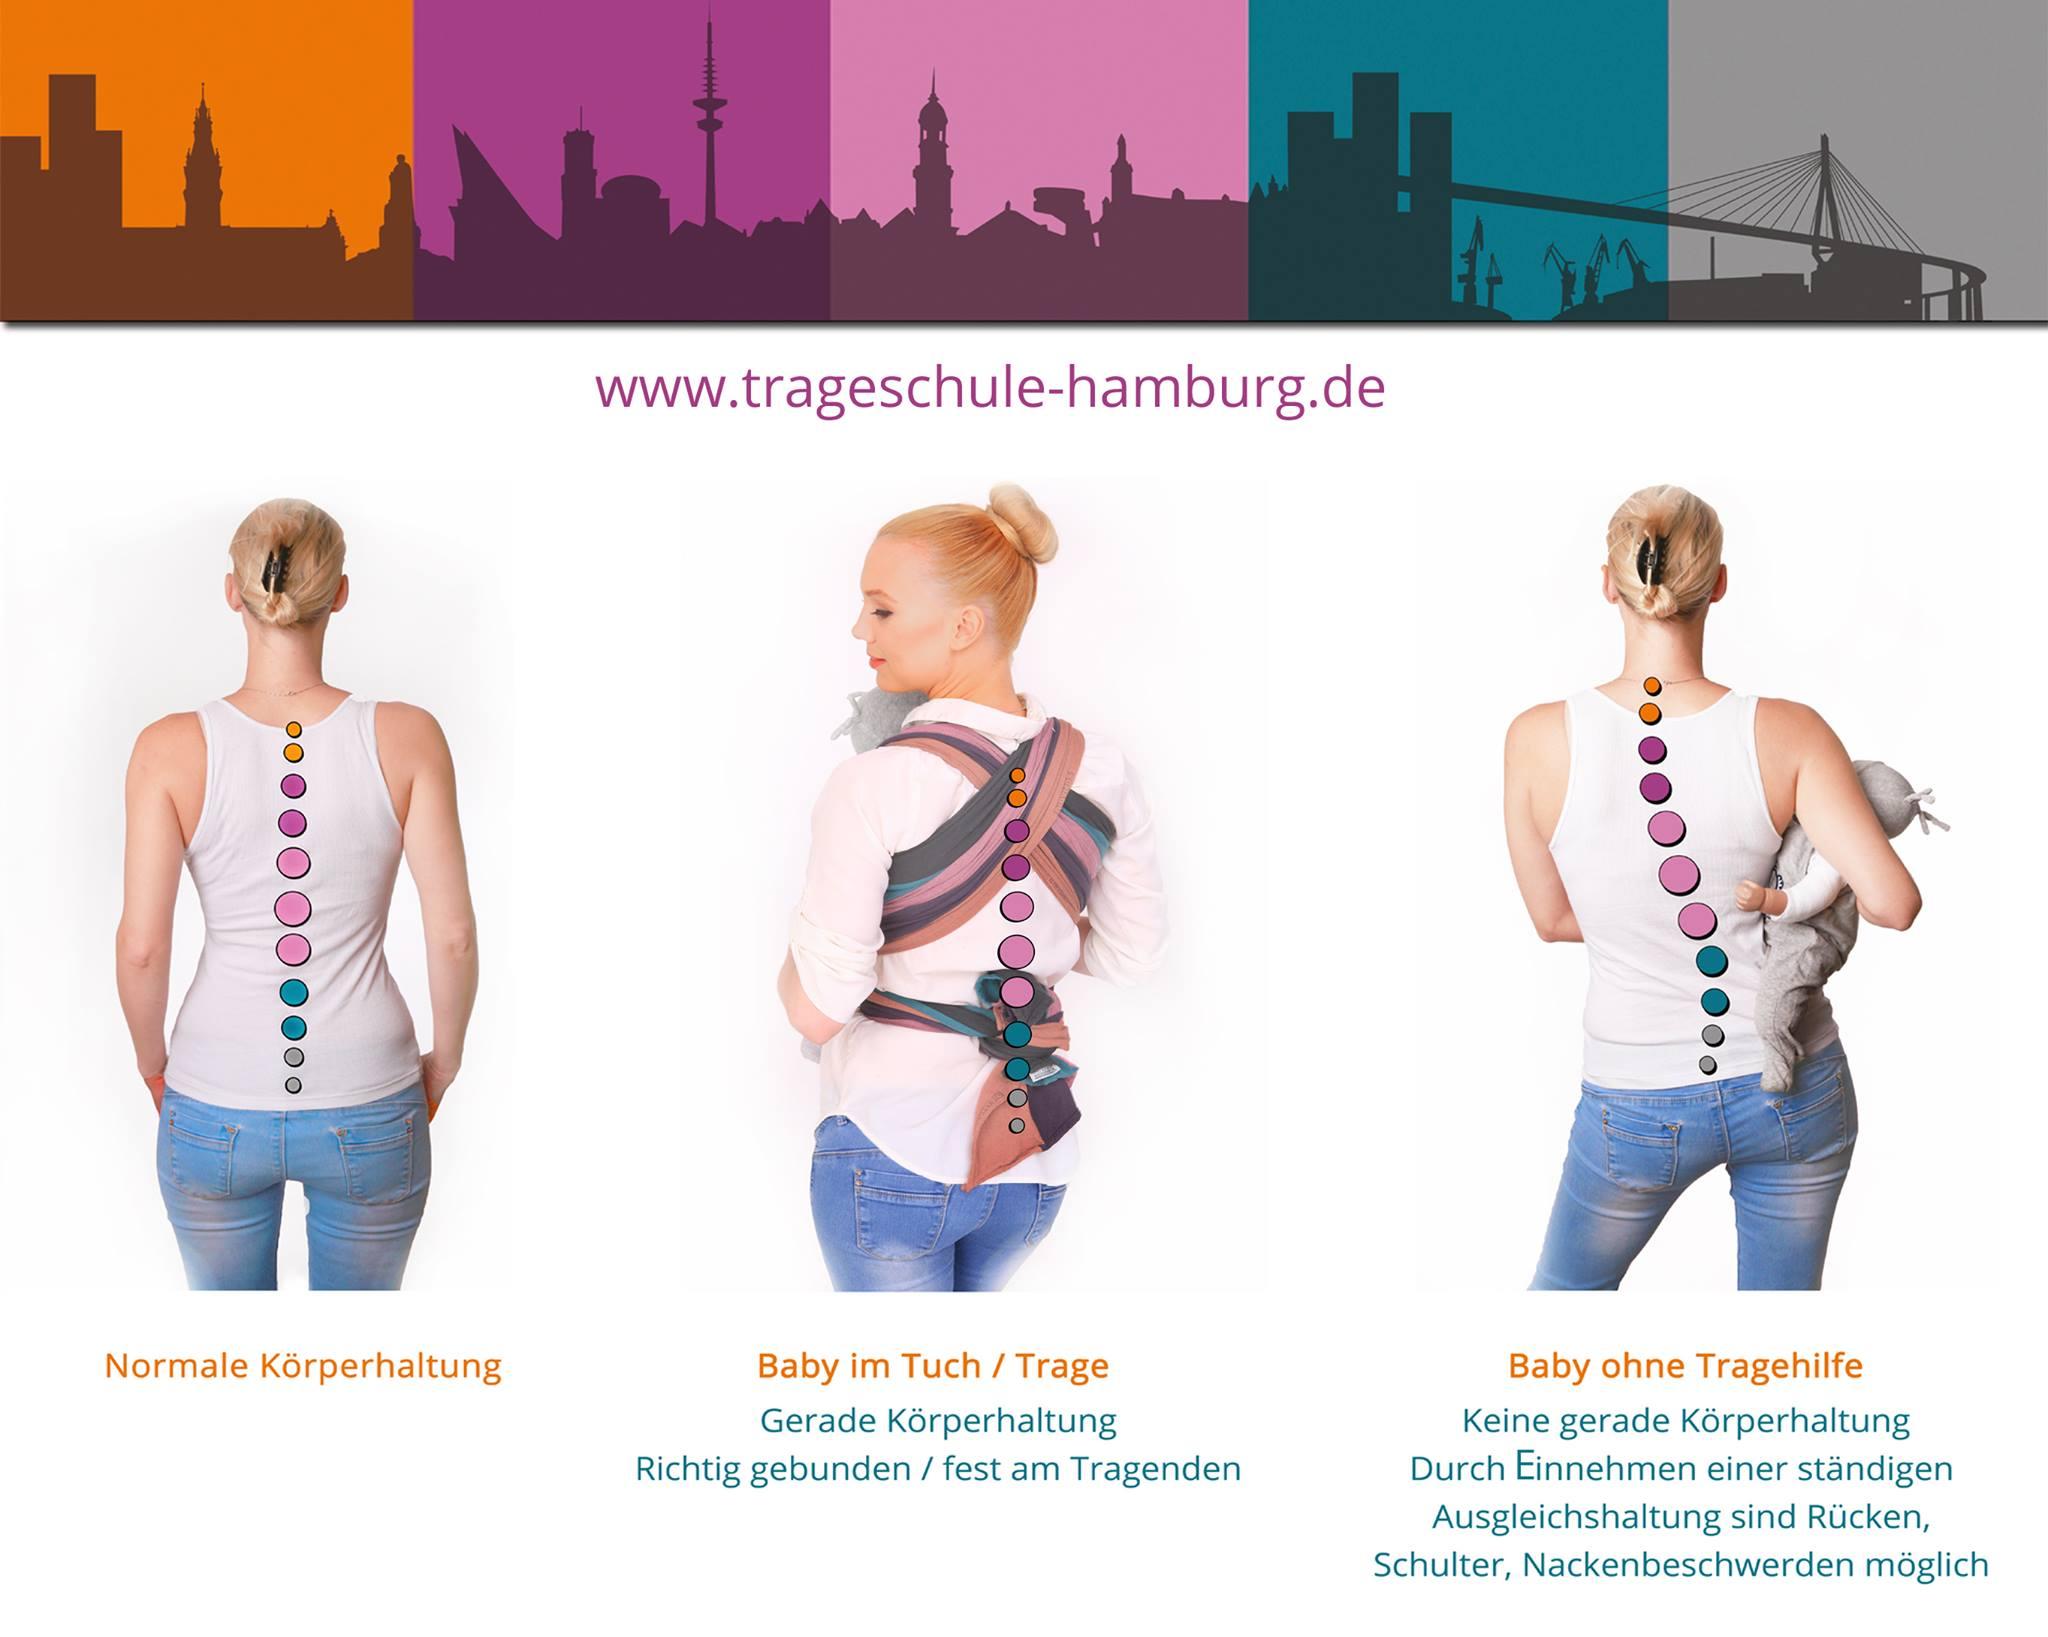 Trageschule Hamburg Wirbelsäule